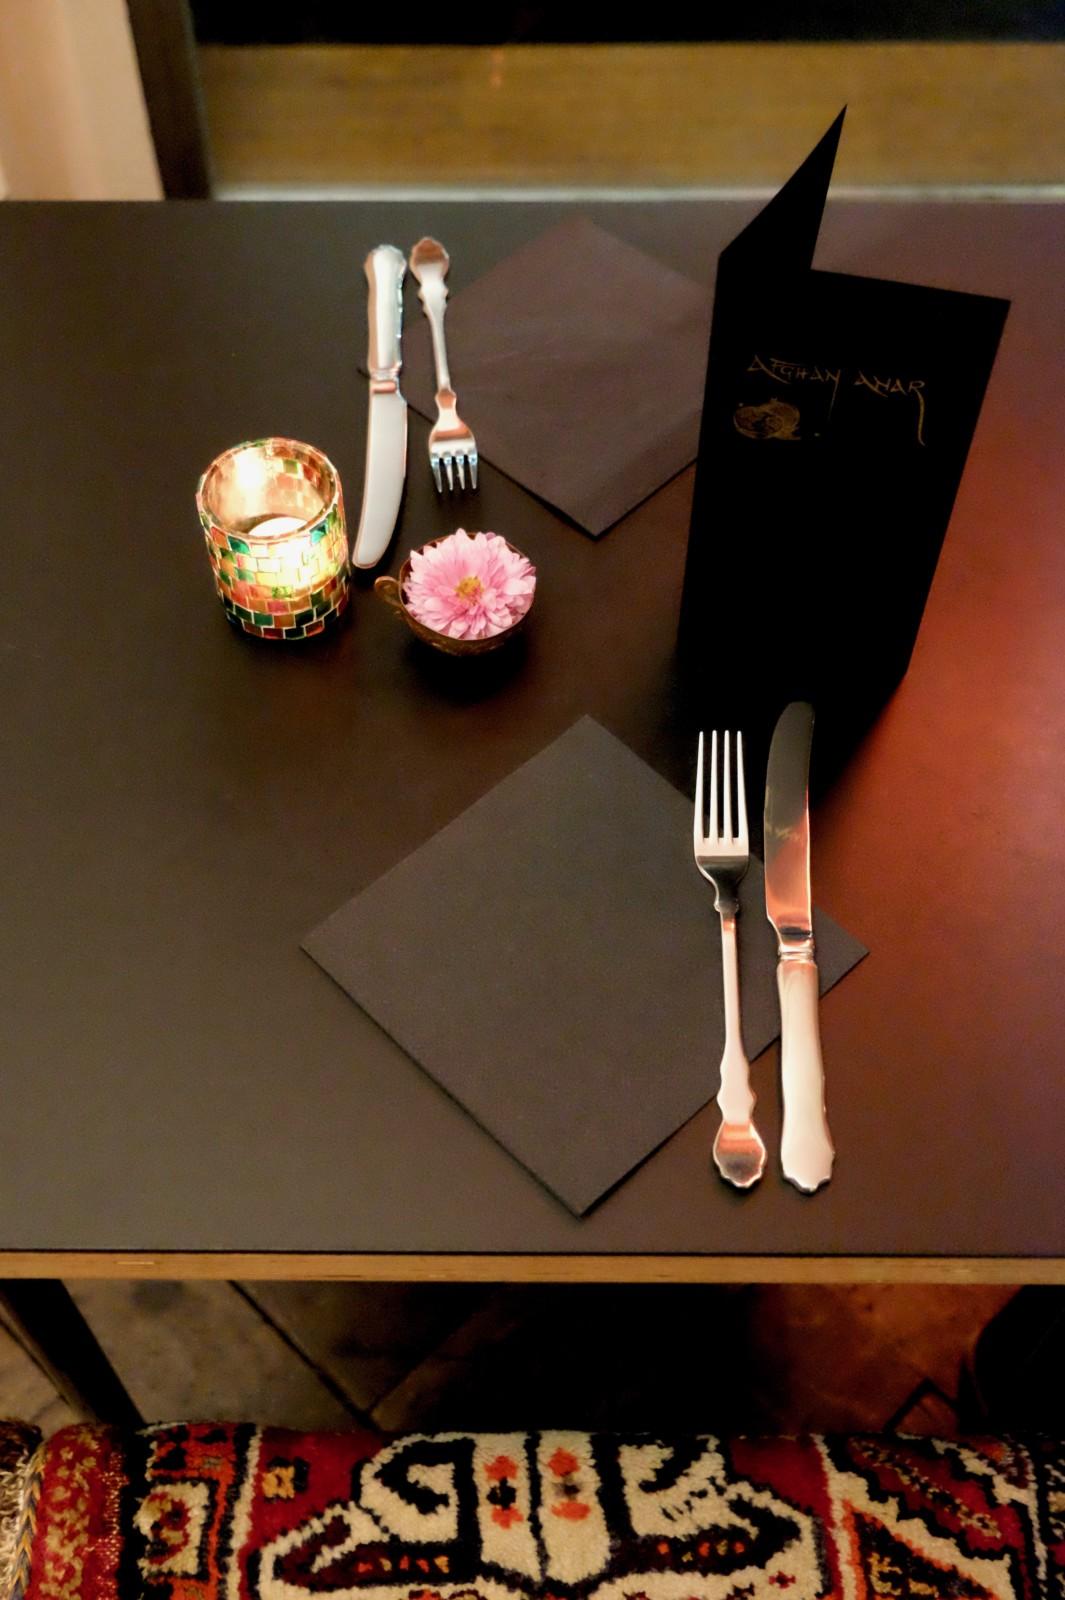 Zu Tisch im einfach aber stilecht eingerichteten Restaurant Afghan Anar an der Bäckerstrasse. Foto: Lunchgate/Anna